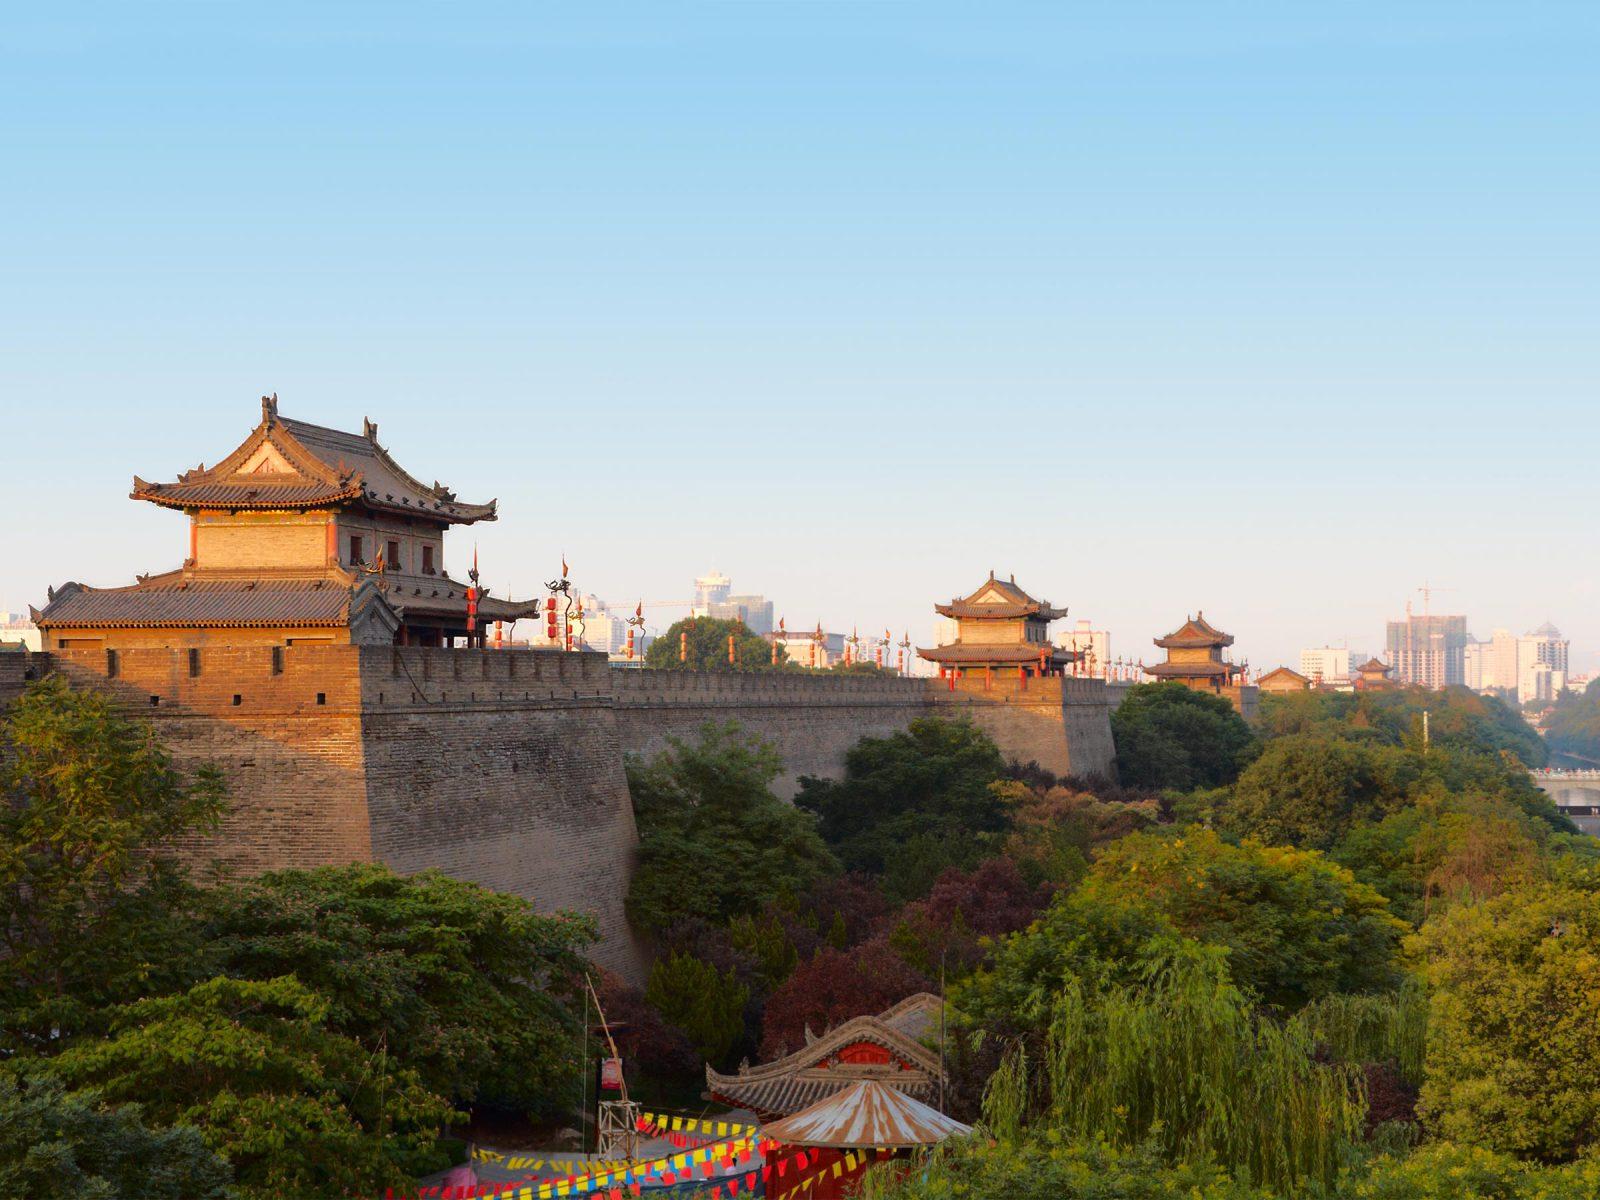 Xi'an city wall, Shaanxi Province, China. Photograph © iStock.com/zhuzhu.